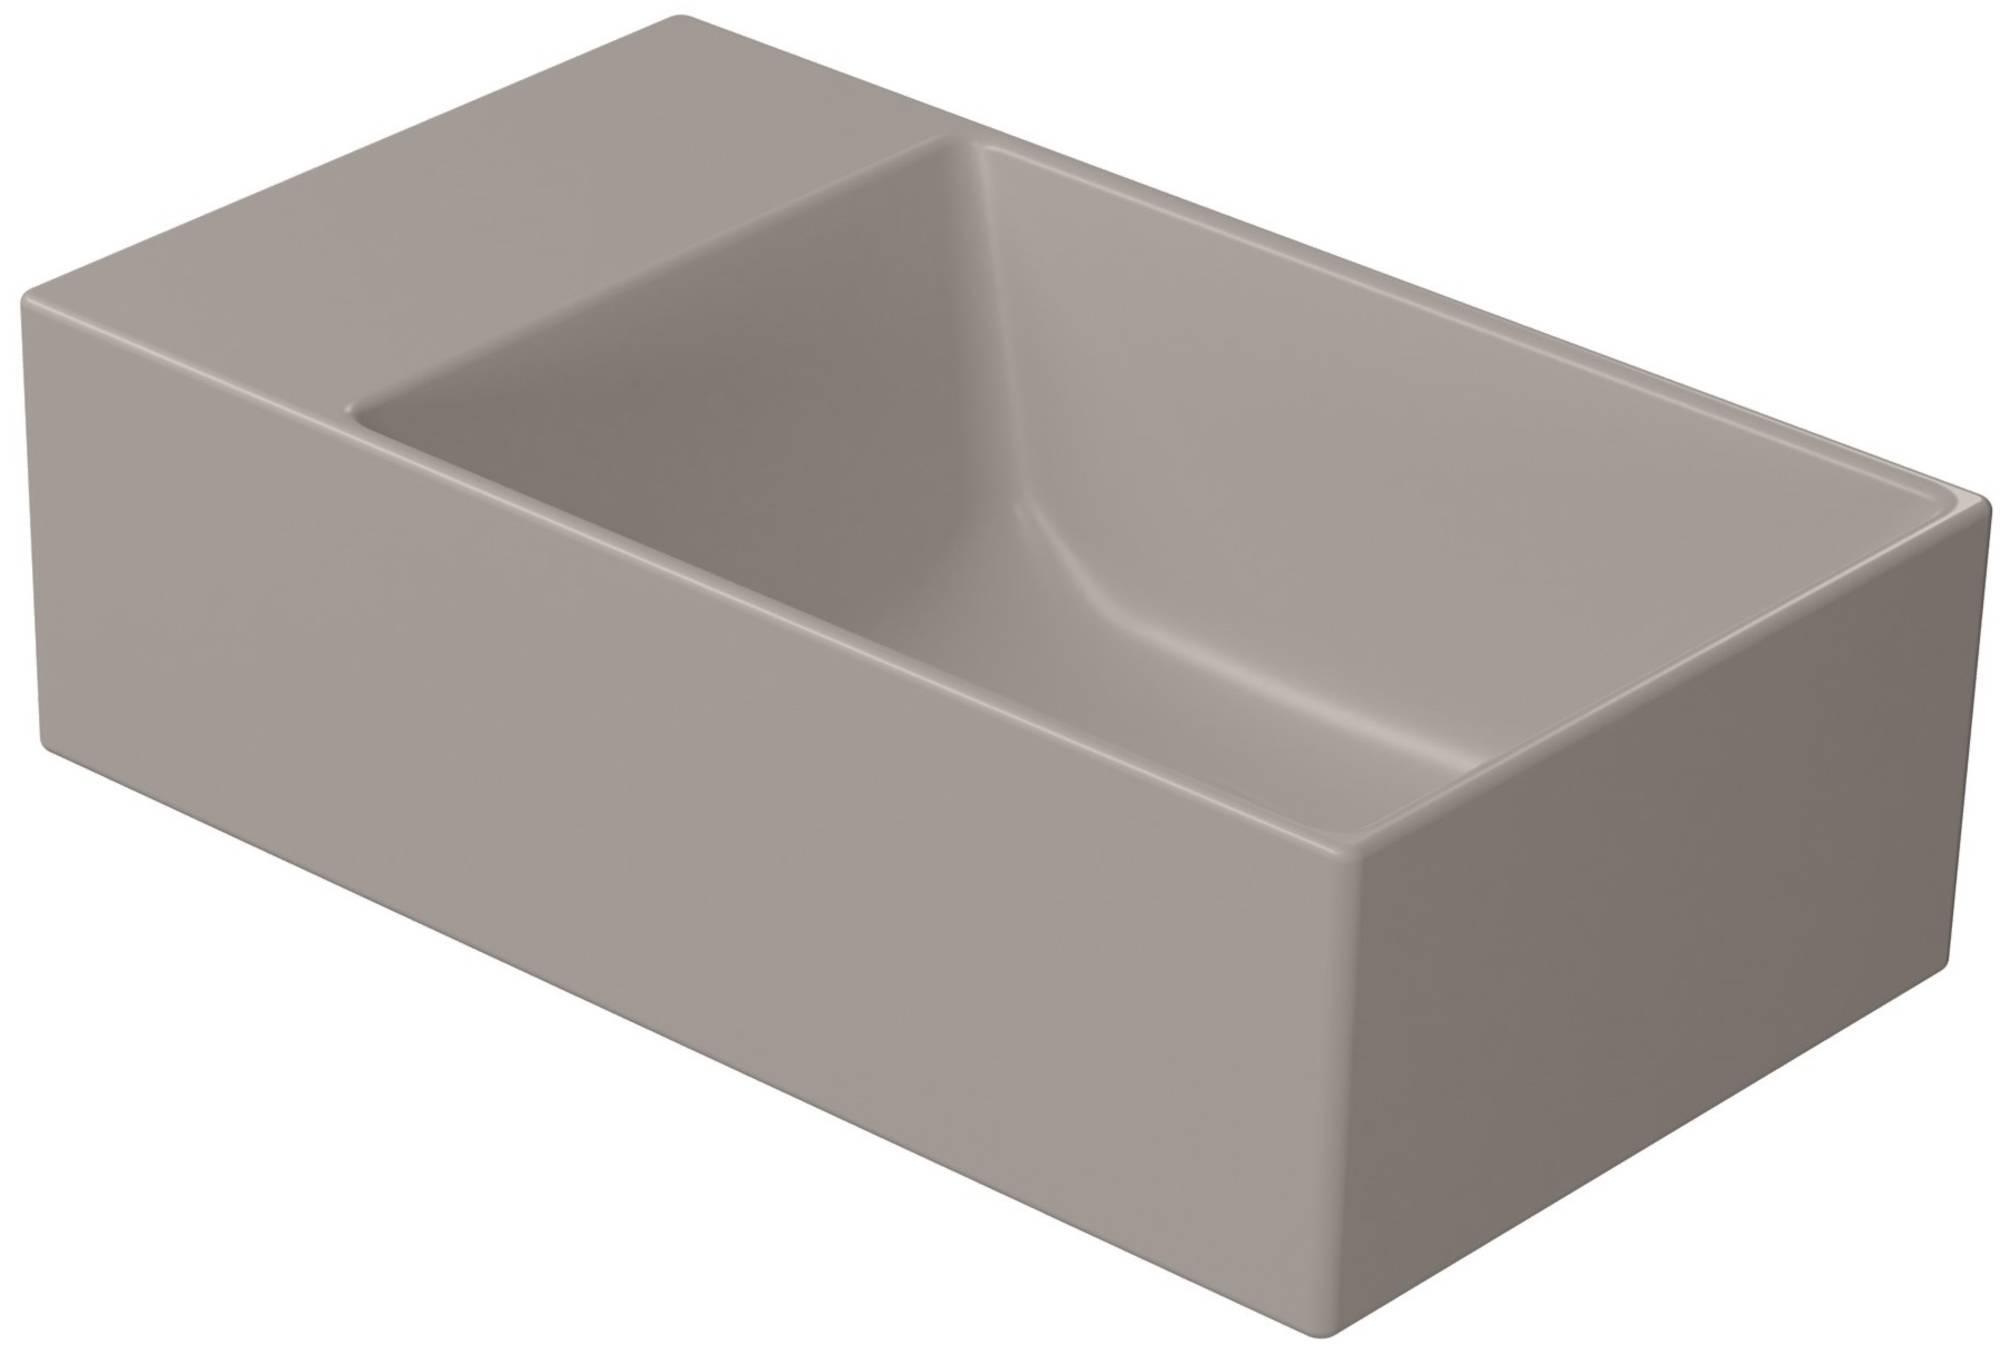 Ben Stelvio Fontein 40x23x12 cm 0 krg Beton Grijs